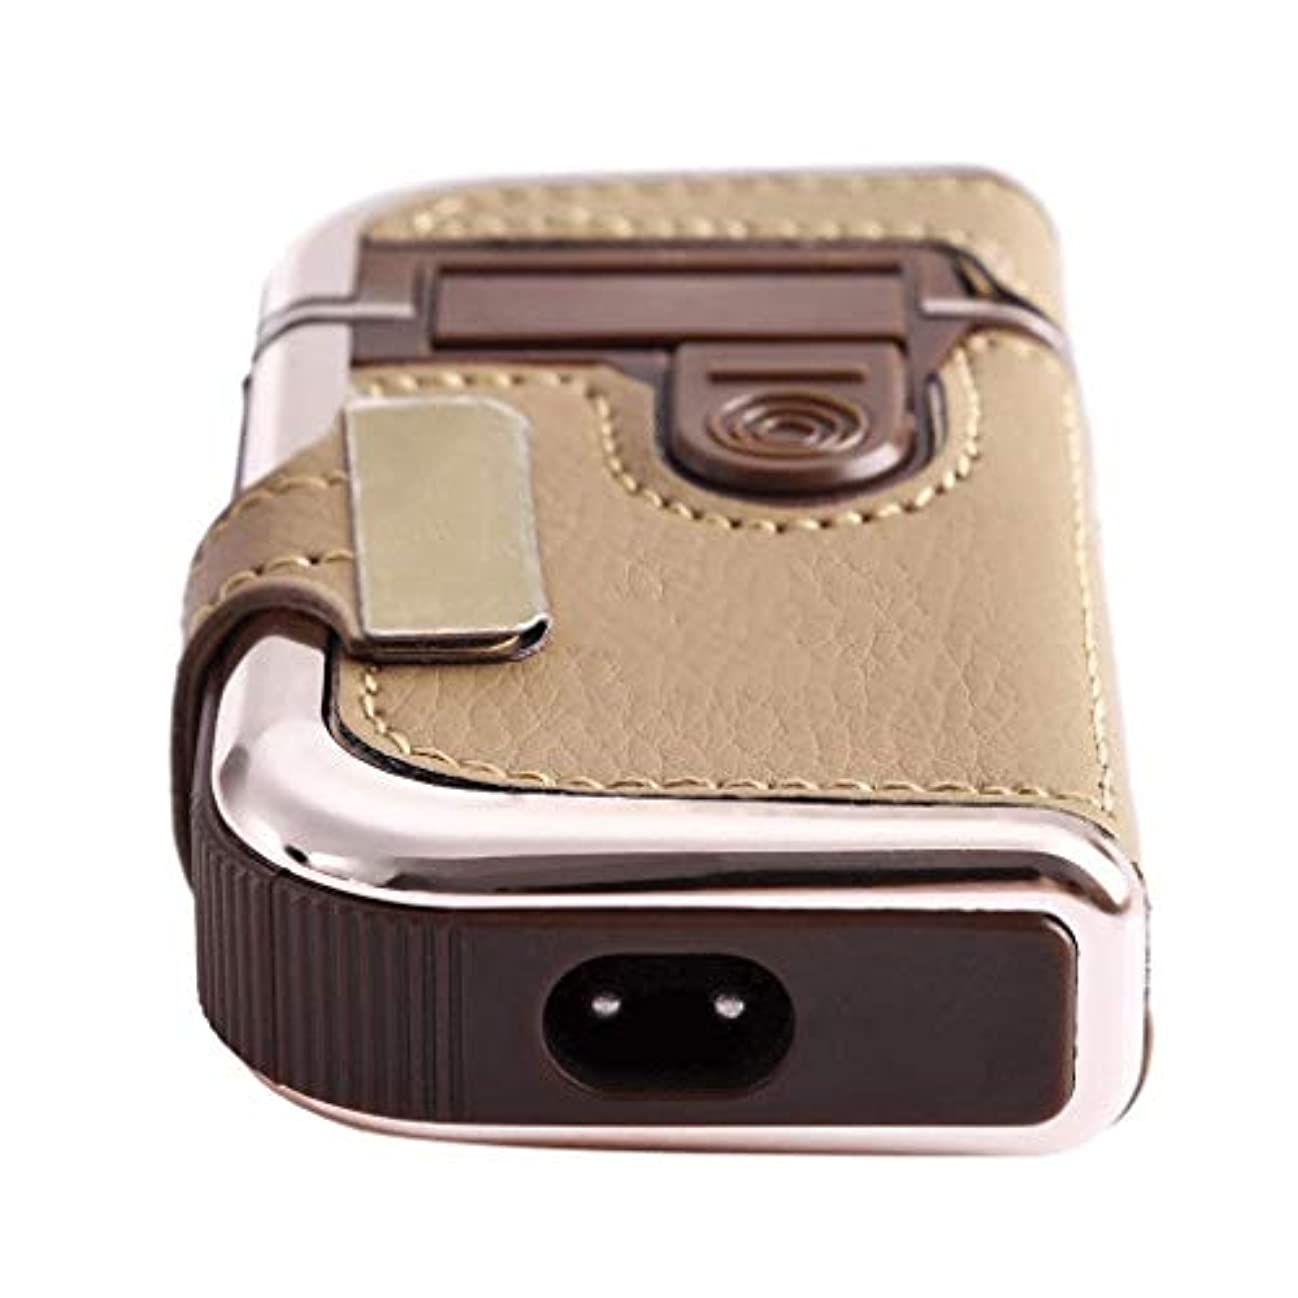 古いガチョウ正当化するXLEVE ポップアップ精密トリマー、充電式とコードレスシェーバーを持つ男性のための電気シェーバー、ウェットとドライの電気かみそり